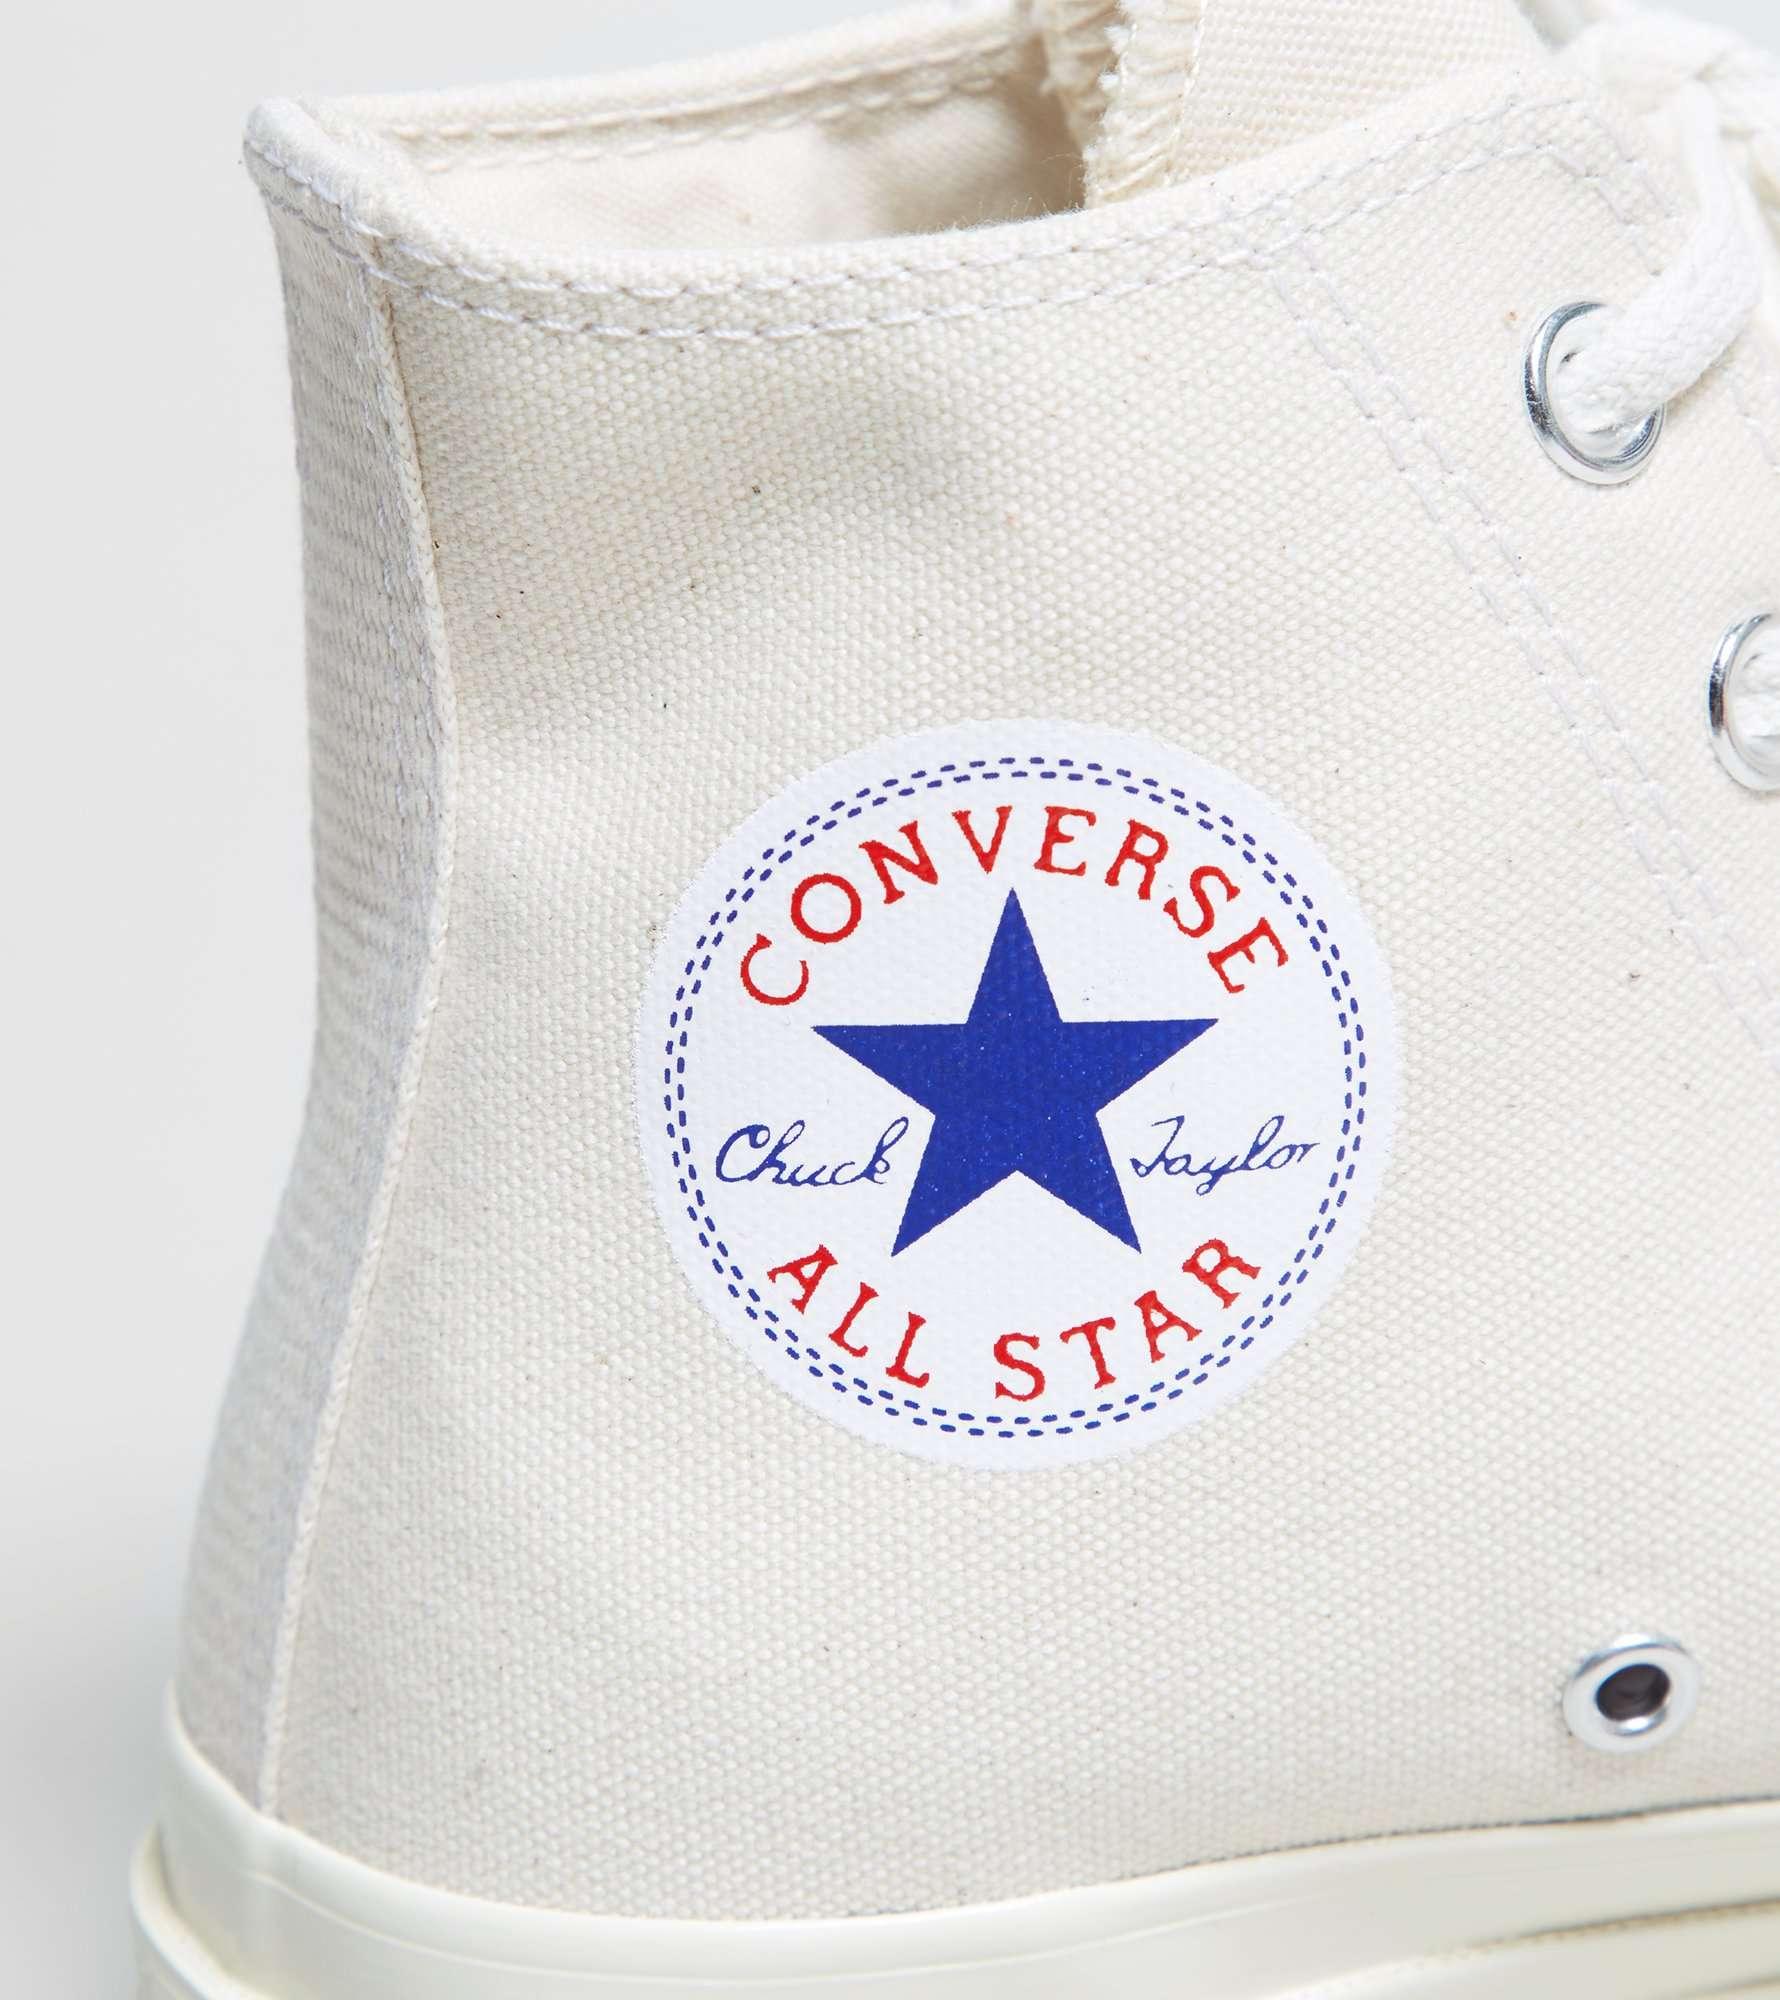 Converse Chuck Taylor All Star 70's High Women's